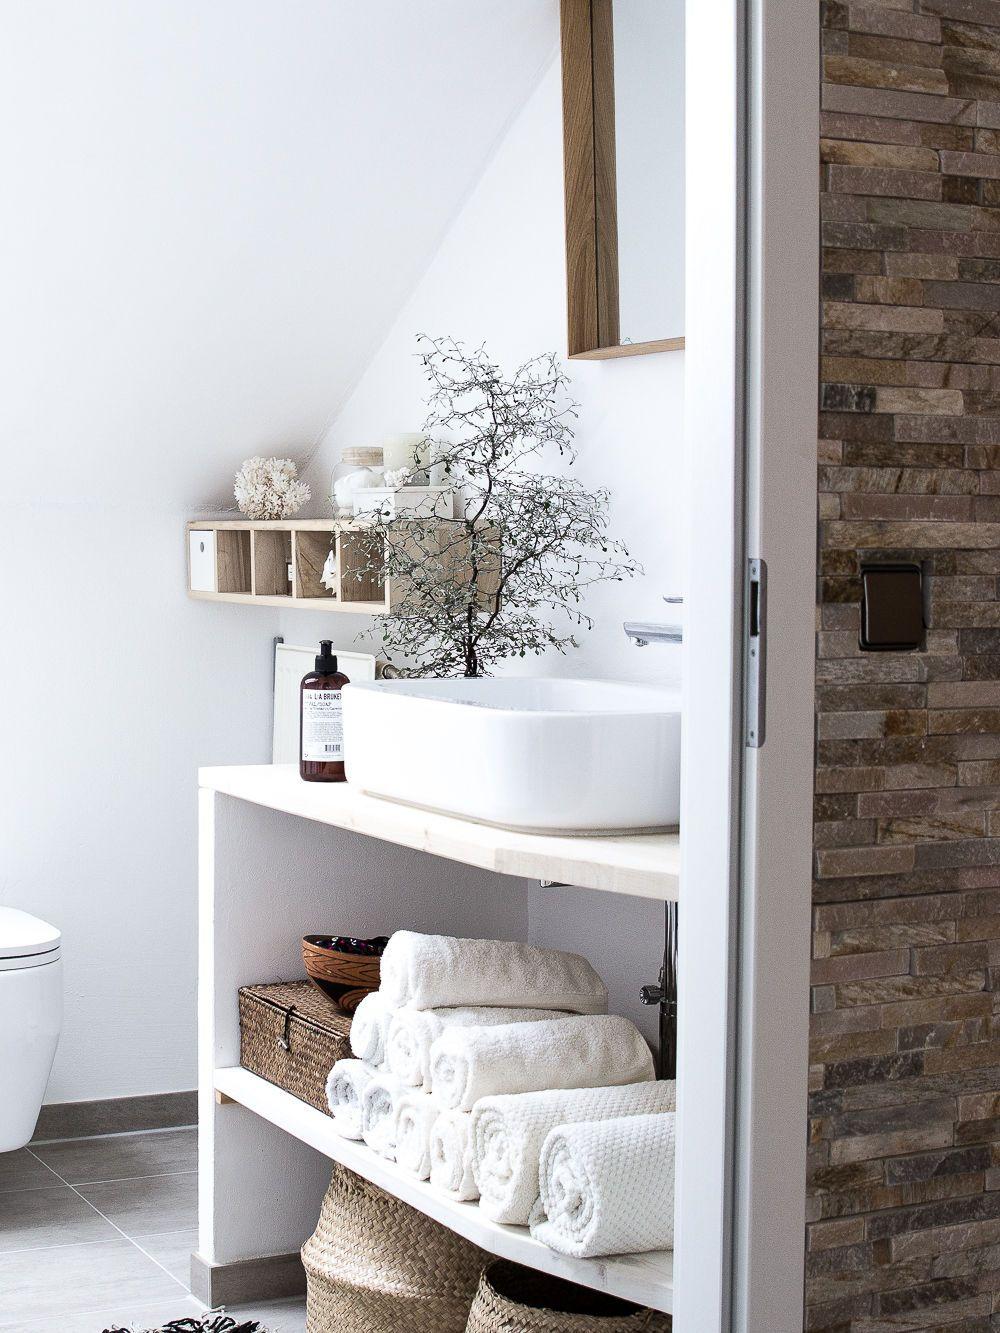 die sch nsten badezimmer ideen seite 16. Black Bedroom Furniture Sets. Home Design Ideas